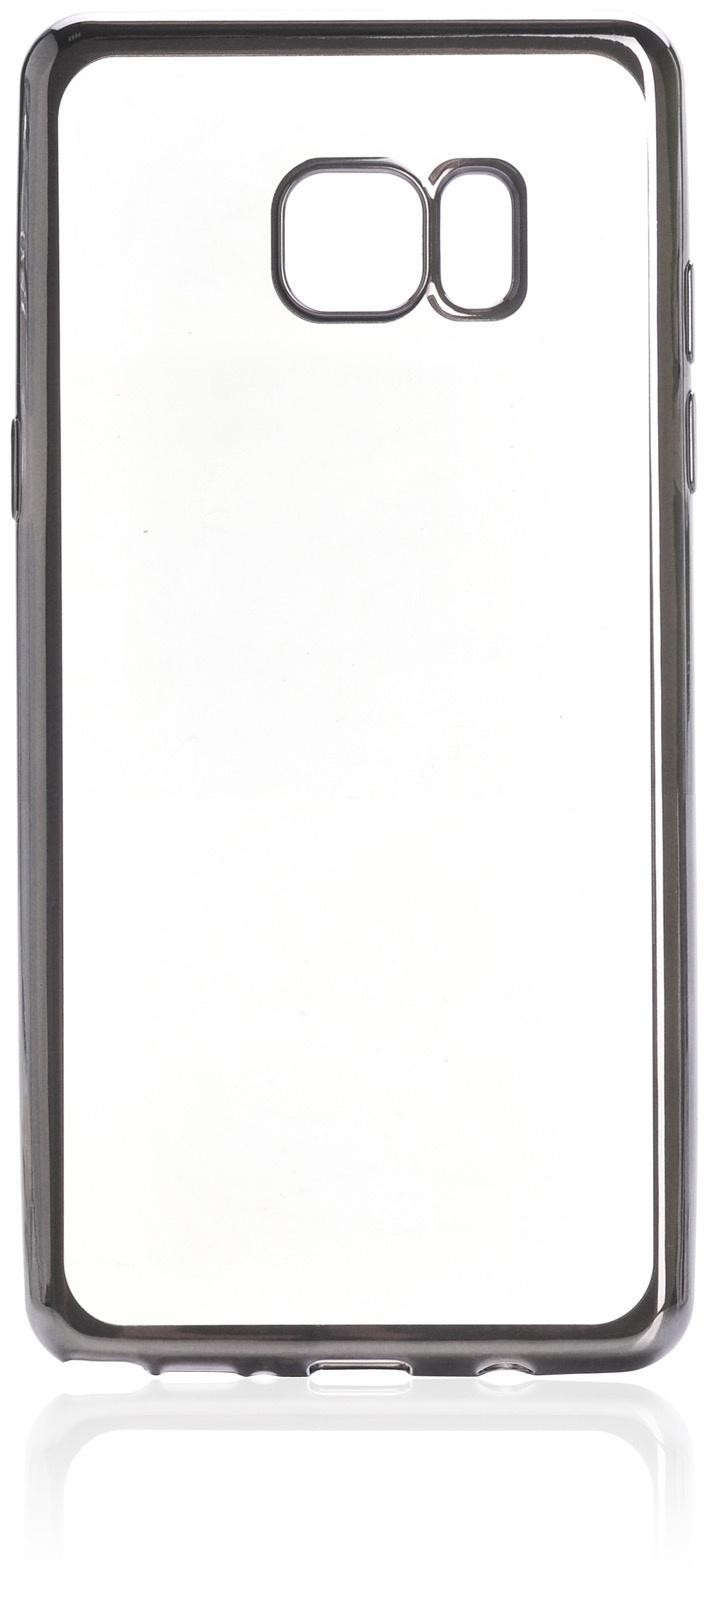 Чехол iNeez накладка силикон с рамкой 900638 для Samsung Galaxy Note 7,900638,графит